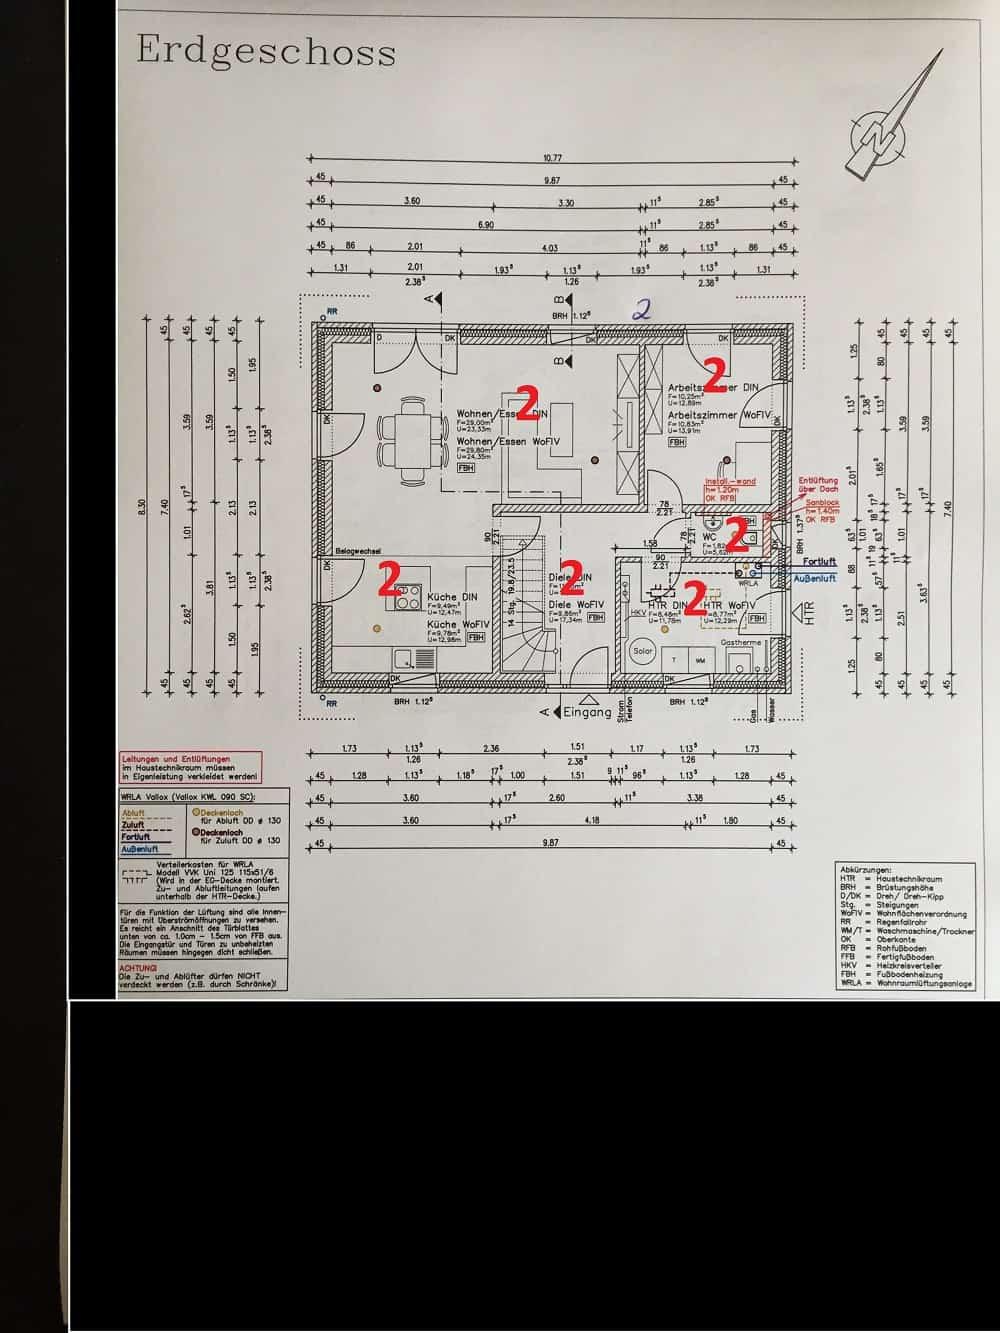 In der Abgeschlossenheitserklärung muss jeder einzelne Raum im Grundriss markiert werden, selbst wenn das gesamte Gebäude dir gehört